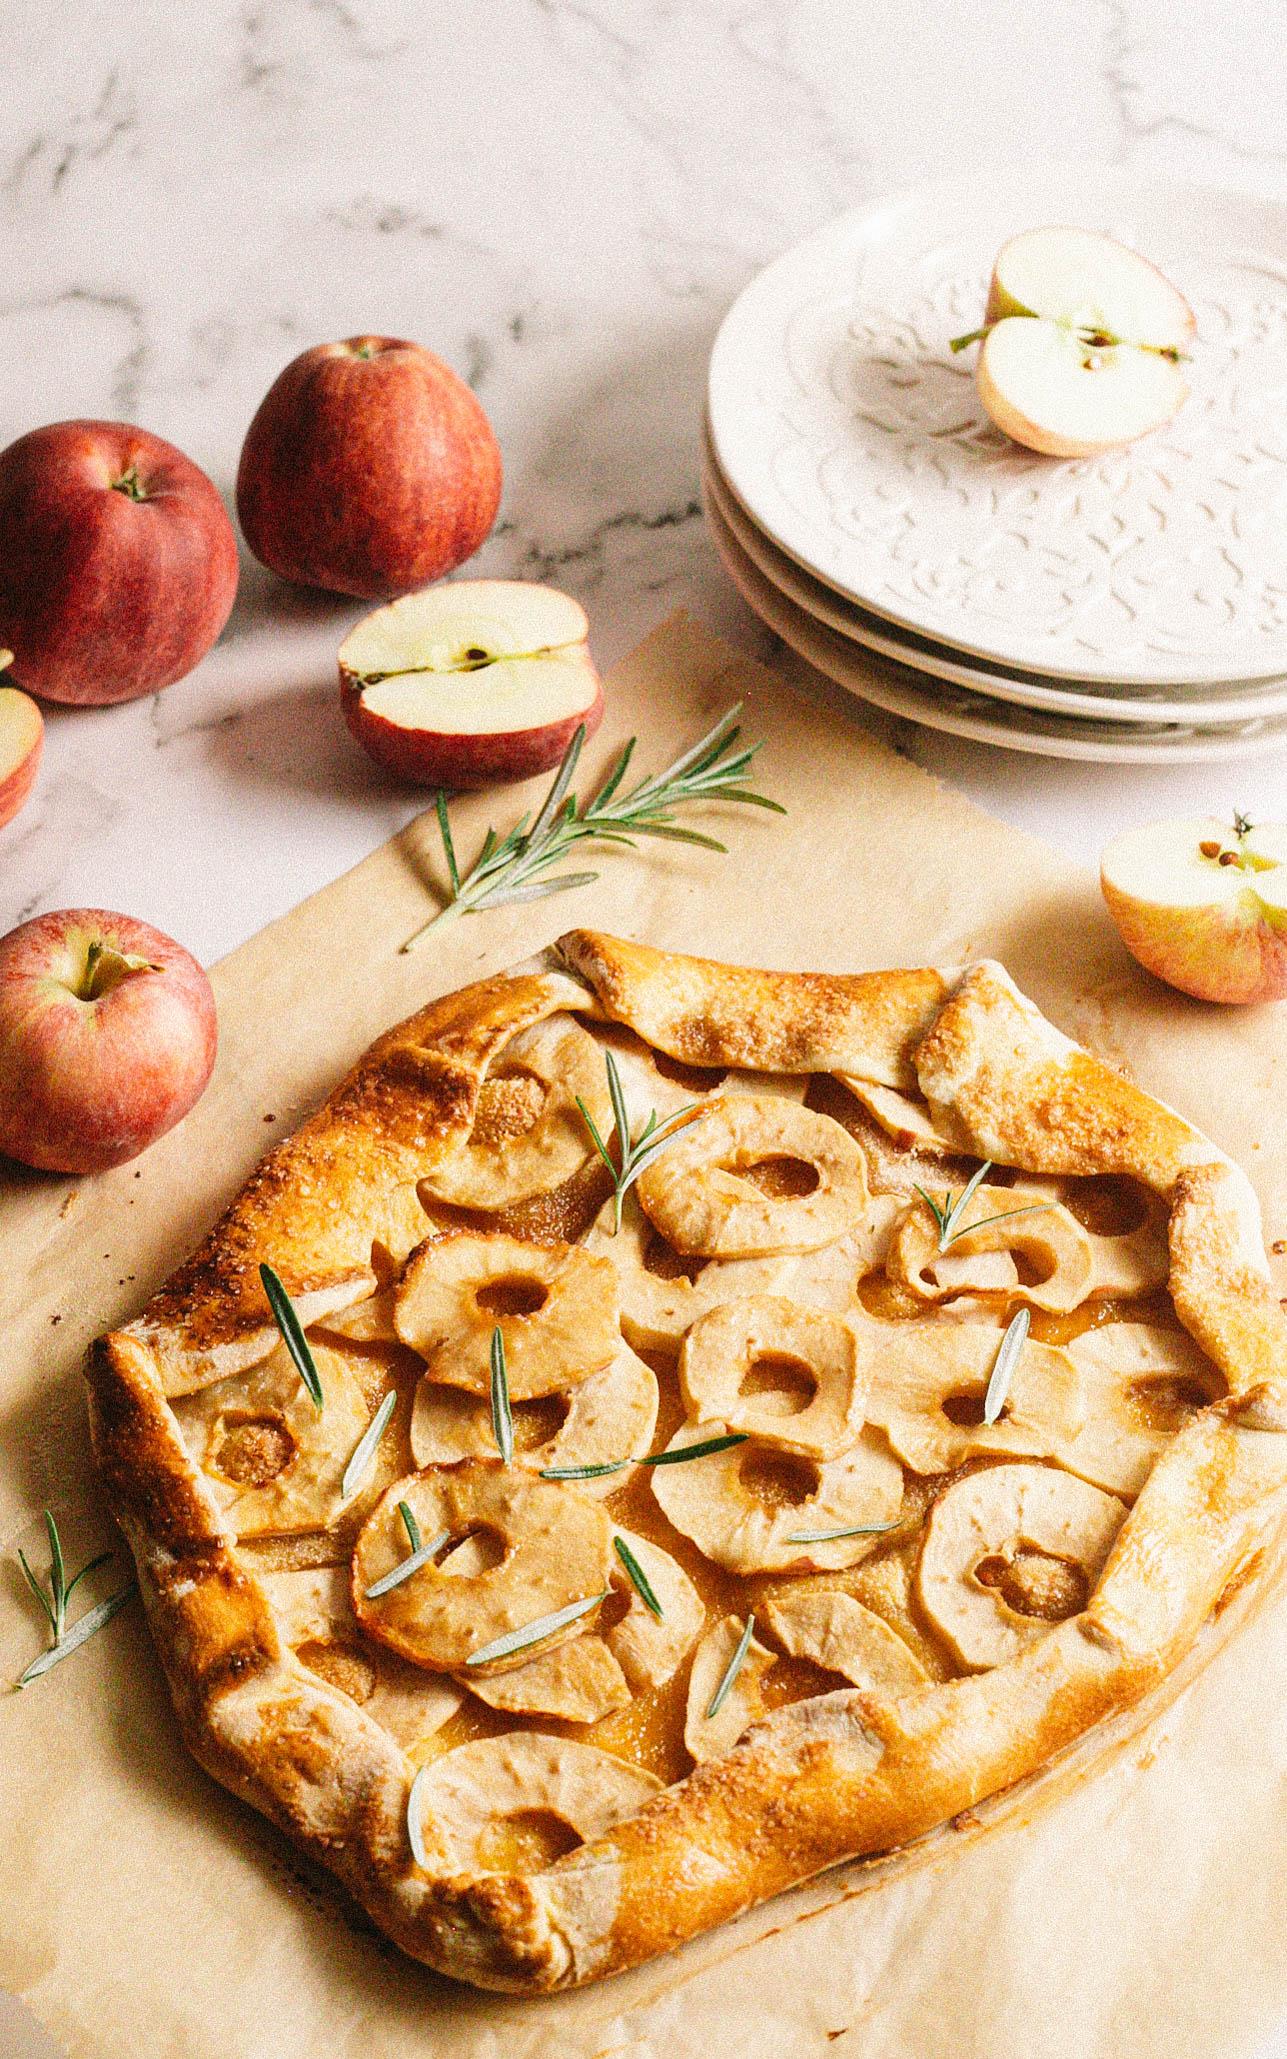 Galette mit Apfel und Rosmarin